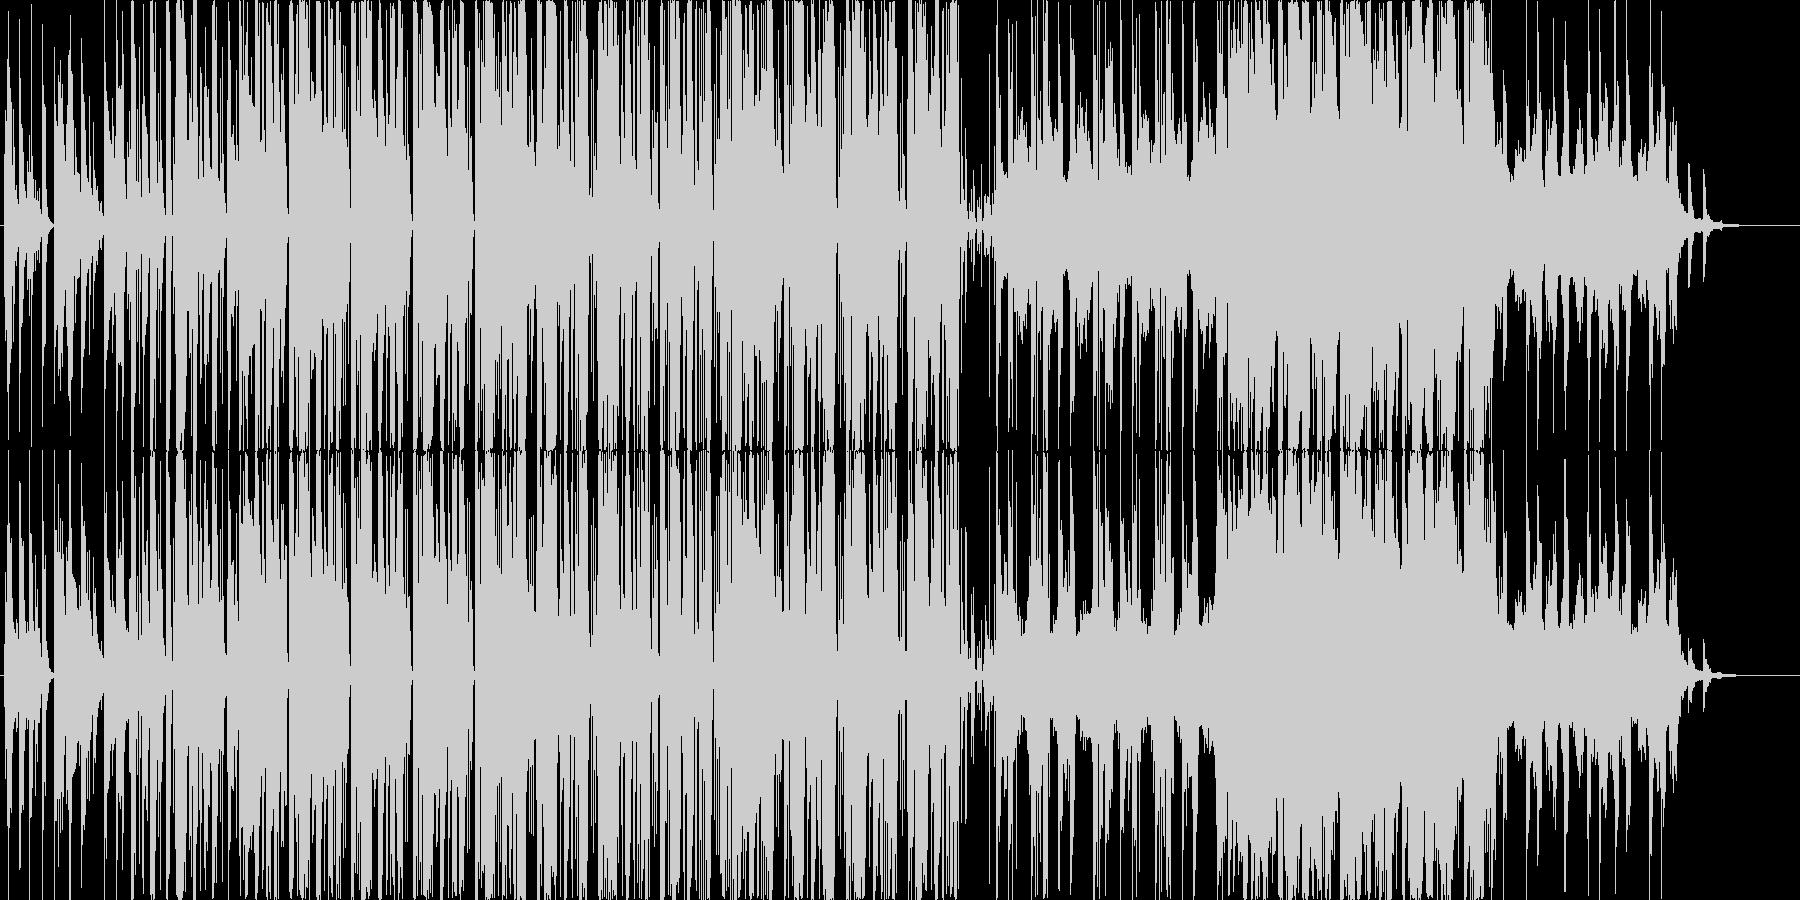 おしゃれでノリノリなエレクトロポップですの未再生の波形